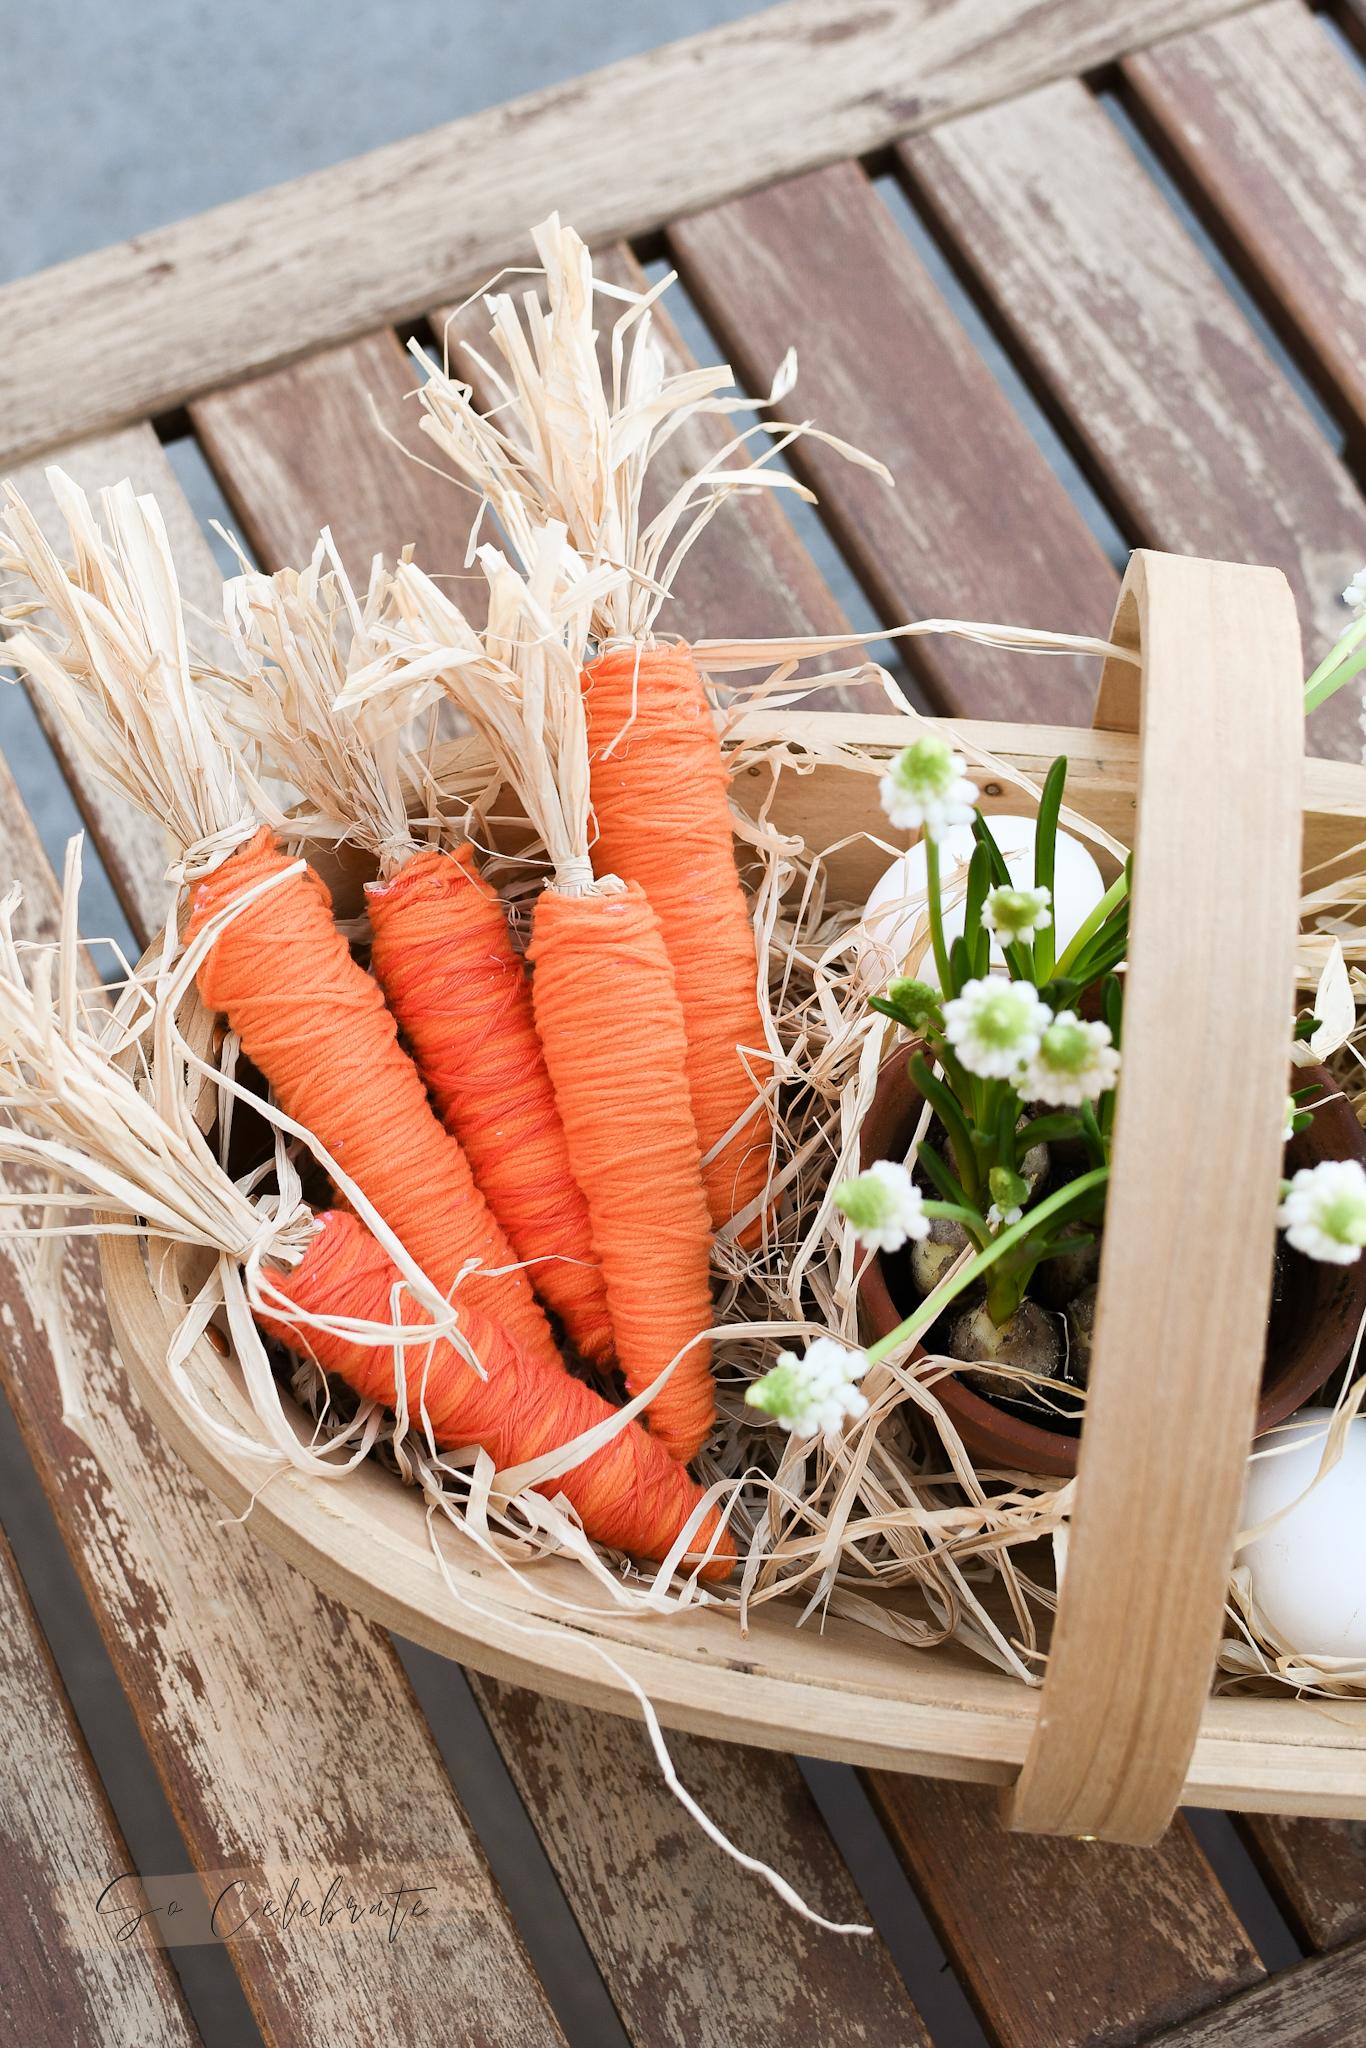 paasdecoratie maken wortels van wol